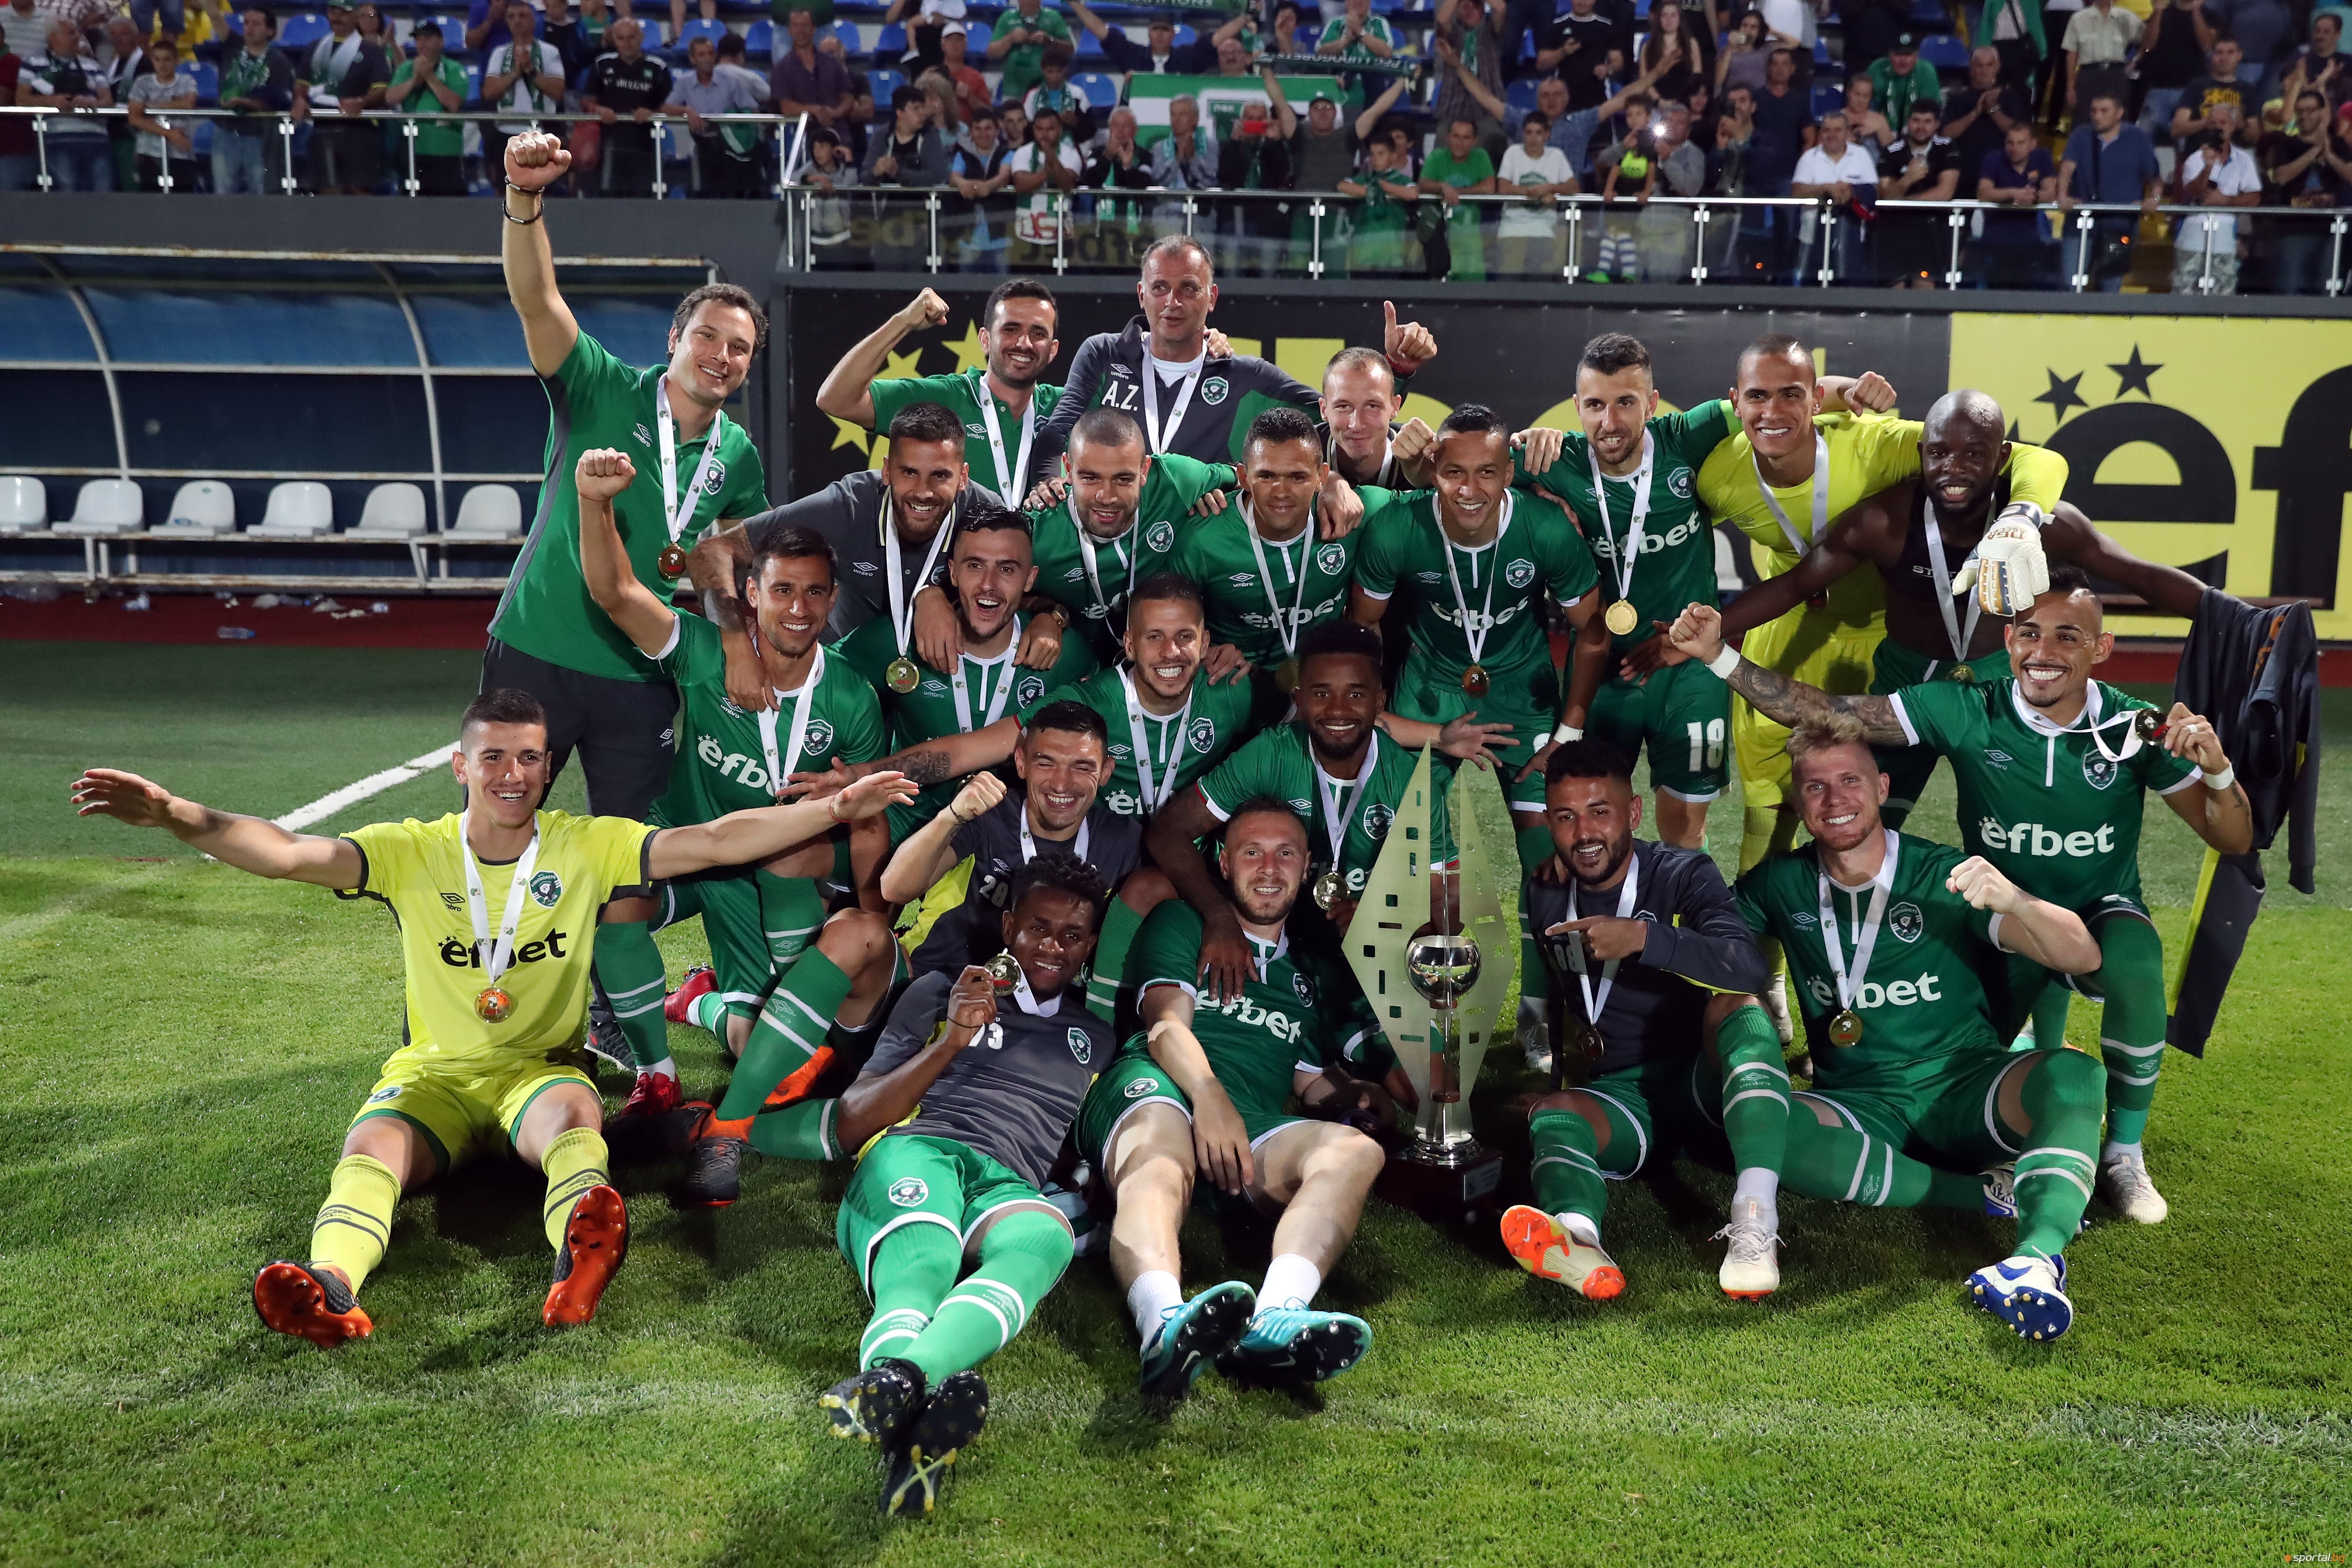 Шампионът и хегемон в българския клубен футбол Лудогорец стартира днес